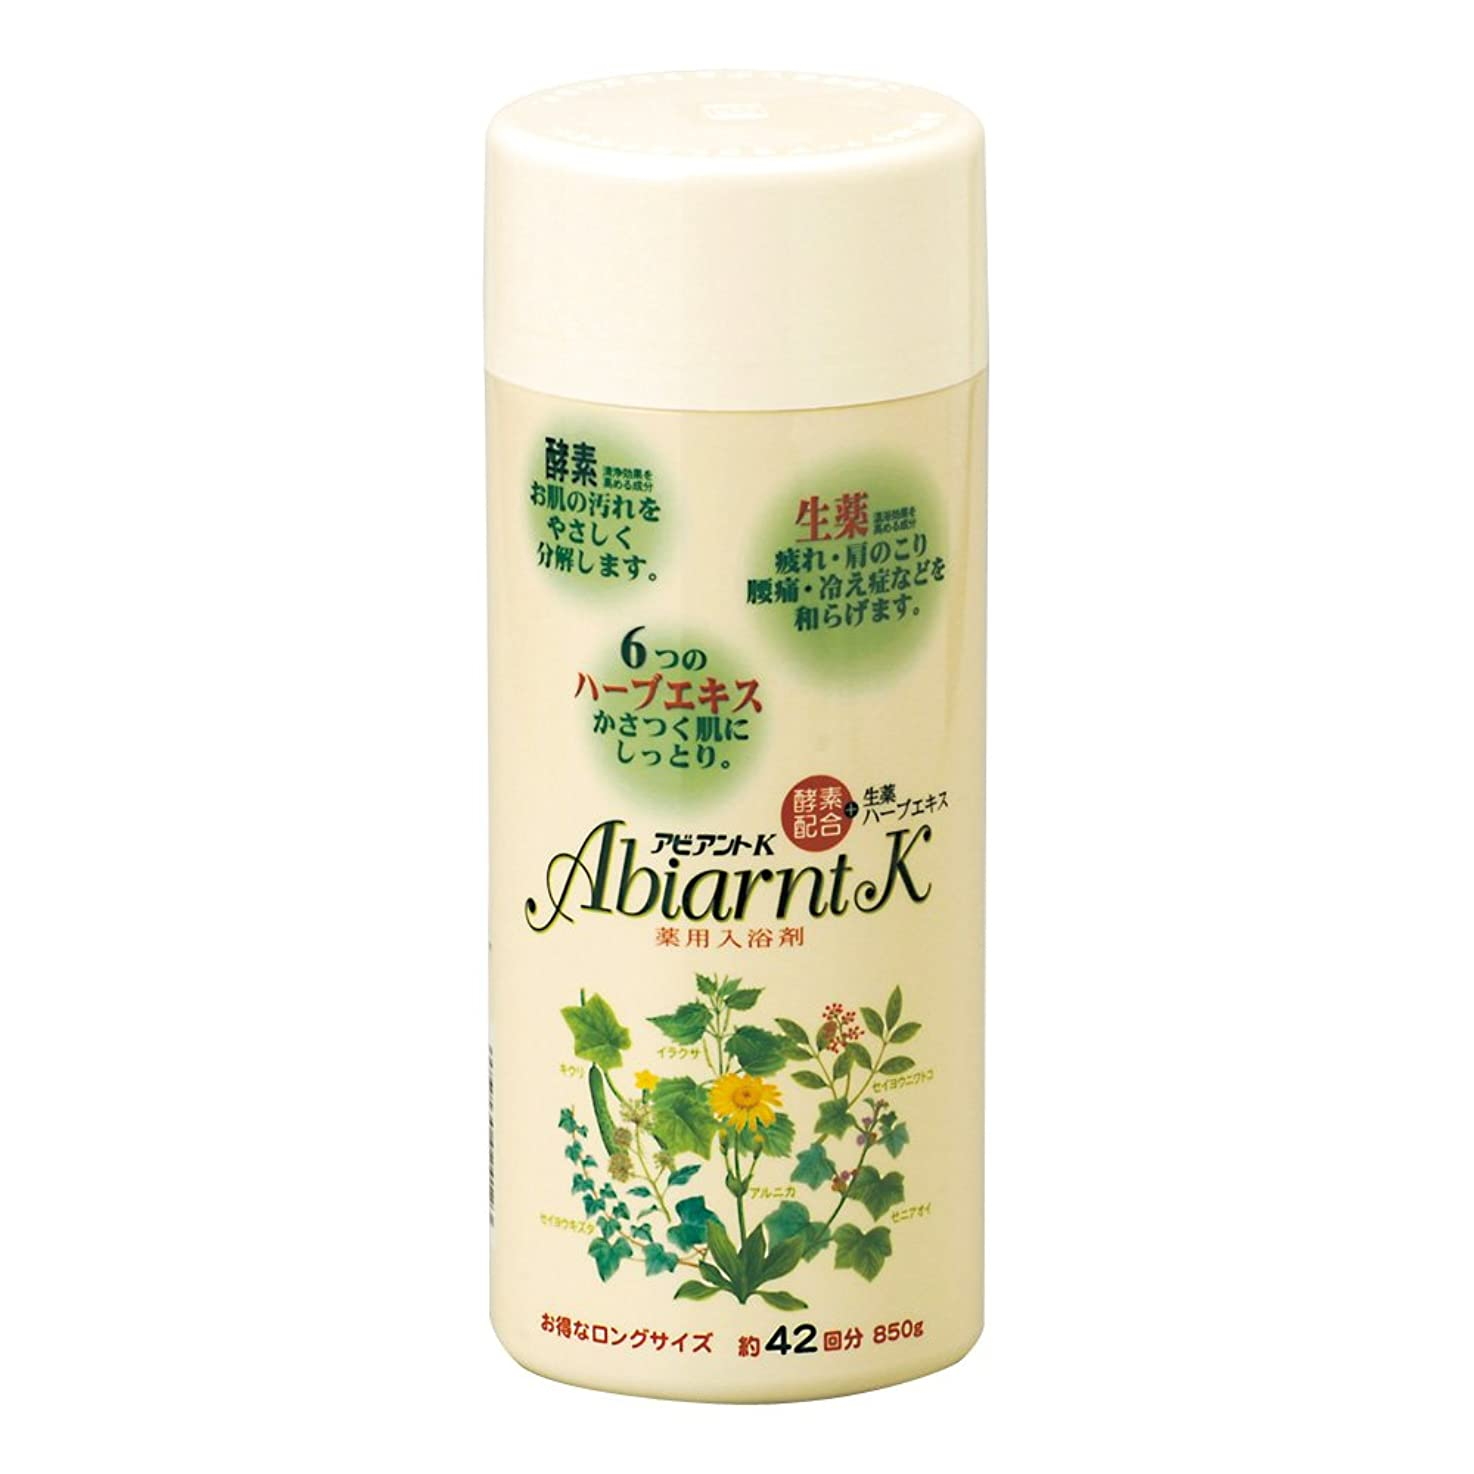 アレイのためにテセウス祐徳薬品工業 薬用入浴剤 アビアントK 850g (医薬部外品)